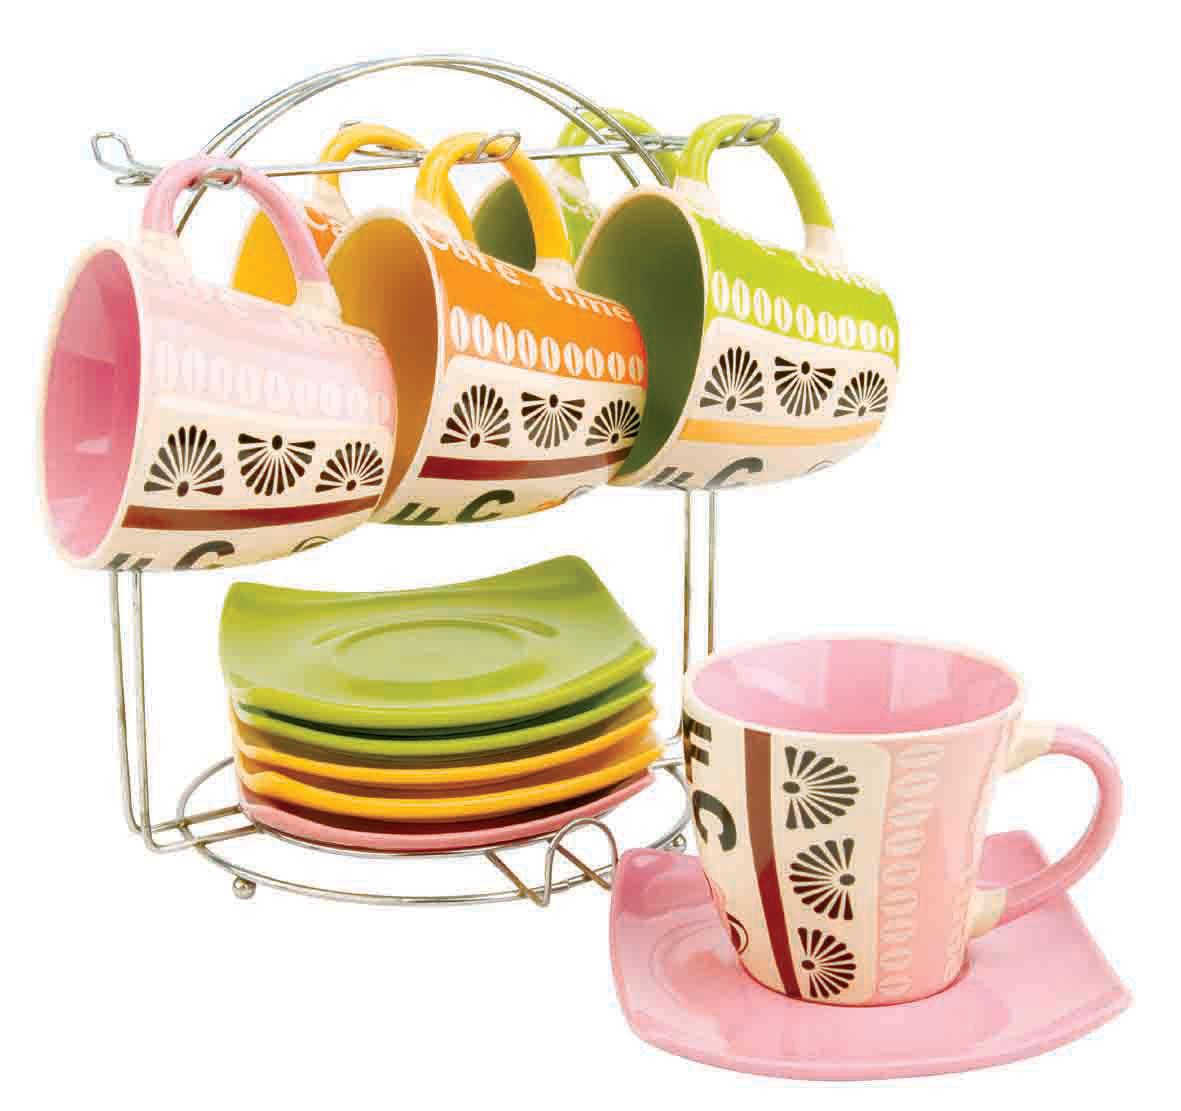 Набор чайный Bekker, 13 предметов. BK-5996BK-5996Чайный набор Bekker состоит из шести чашек и шести блюдец. Предметы набора изготовлены из высококачественной жаропрочной керамики без примесей кадмия и свинца. Глазурованная поверхность облегчает чистку. Внешние стенки чашек оформлены красочным орнаментом; внутренняя поверхность чашек цветная. Блюдца квадратной формы однотонные. В комплекте - металлическая хромированная подставка с шестью крючками для подвешивания чашек и подставкой для блюдец. Чайный набор яркого и в тоже время лаконичного дизайна украсит интерьер кухни и сделает ежедневное чаепитие настоящим праздником. Подходит для мытья в посудомоечной машине.